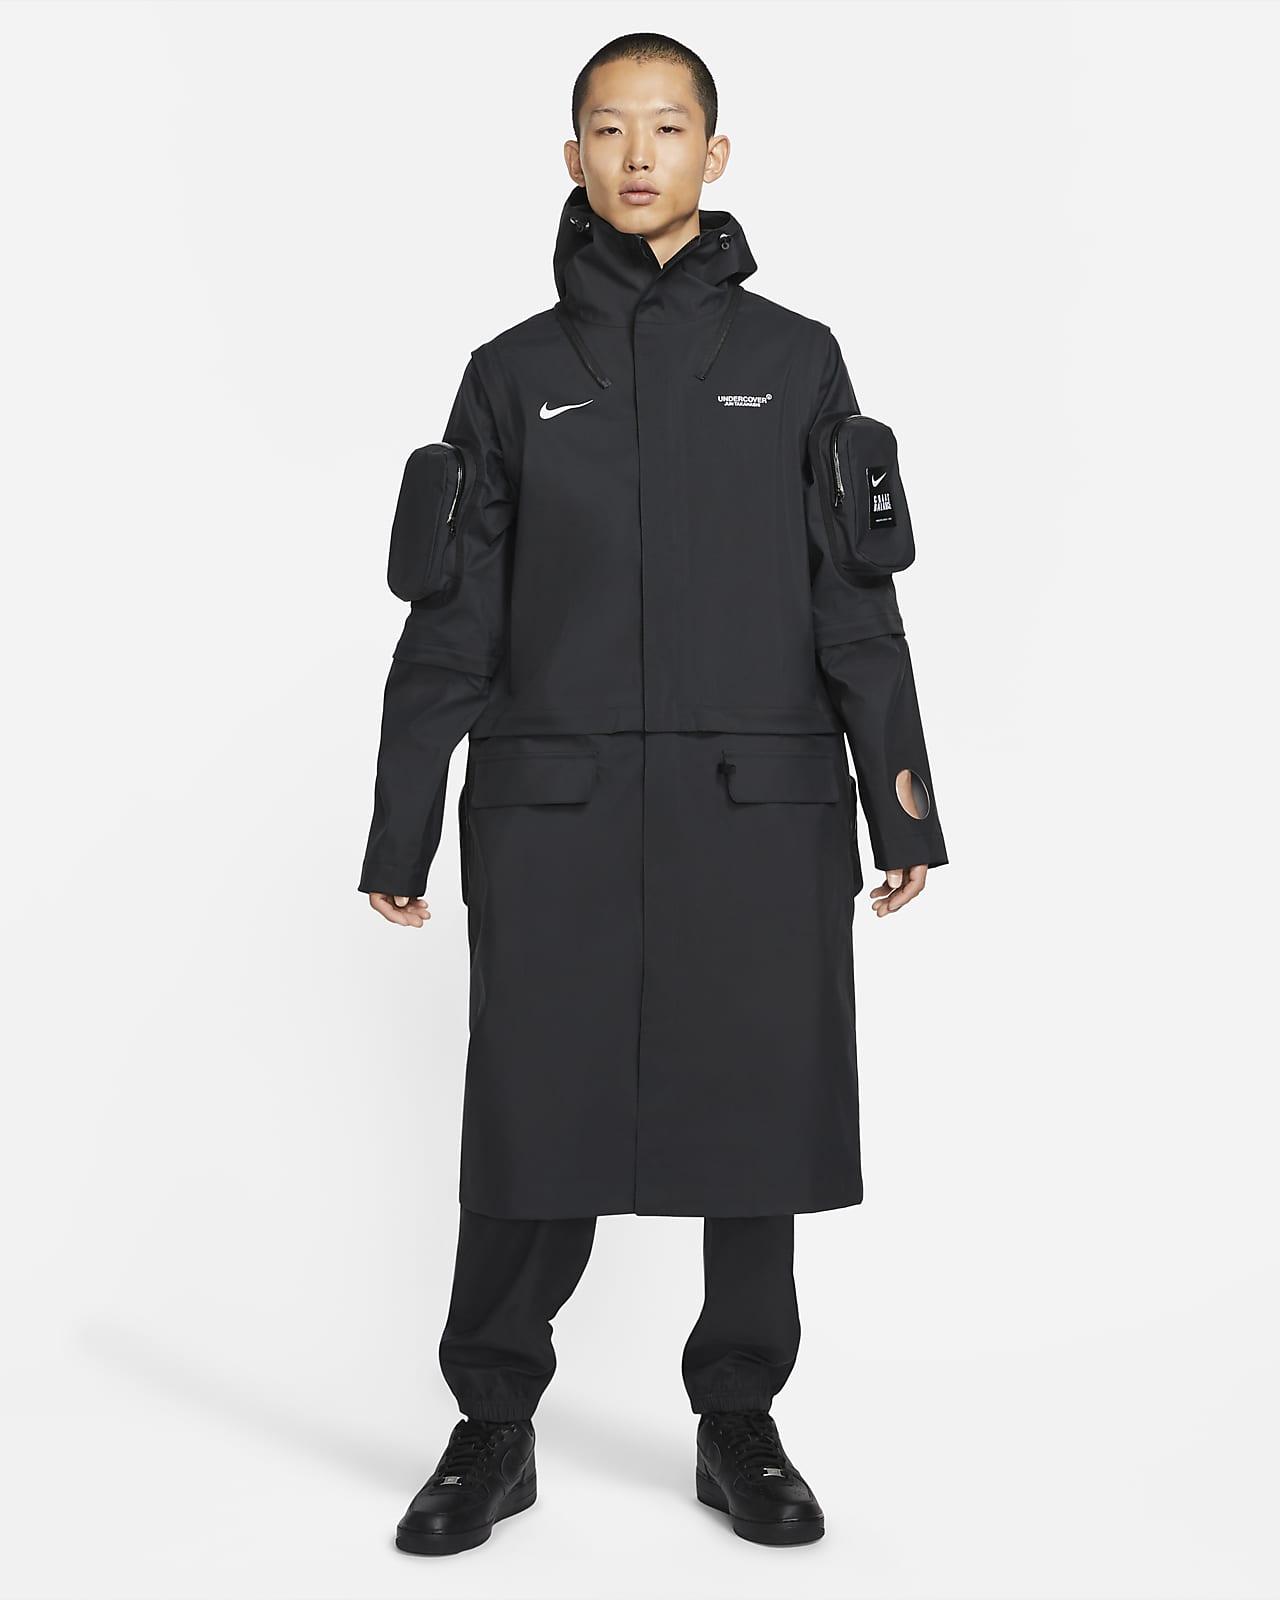 เสื้อพาร์ก้า Nike x Undercover